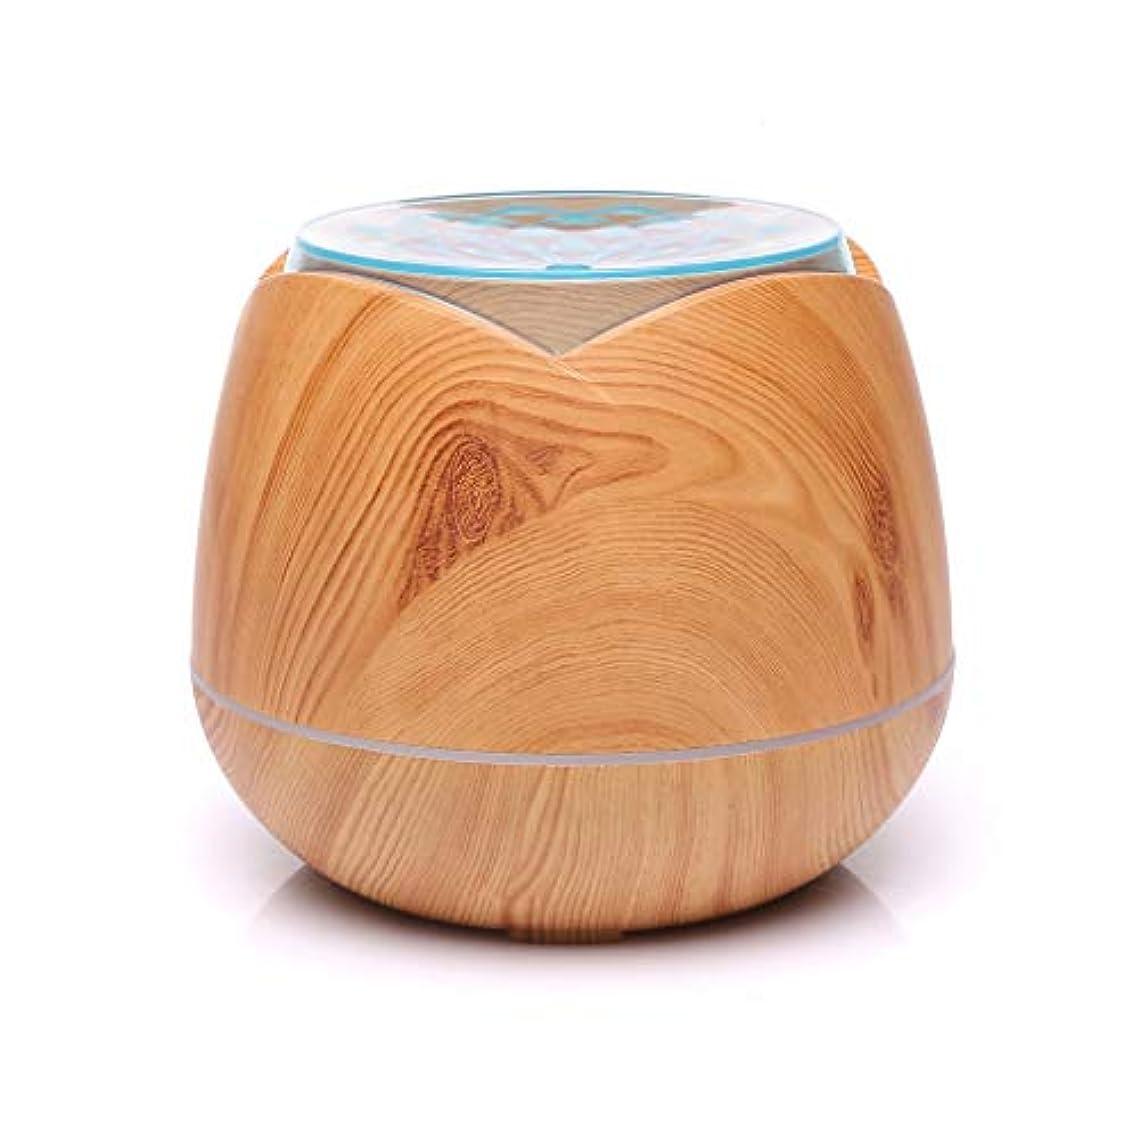 流出筋アンドリューハリディ涼しい霧の空気加湿器、家、ヨガ、オフィス、鉱泉、寝室のために変わる色LEDライトと超音波400ml - 木目 - (Color : Light wood grain)